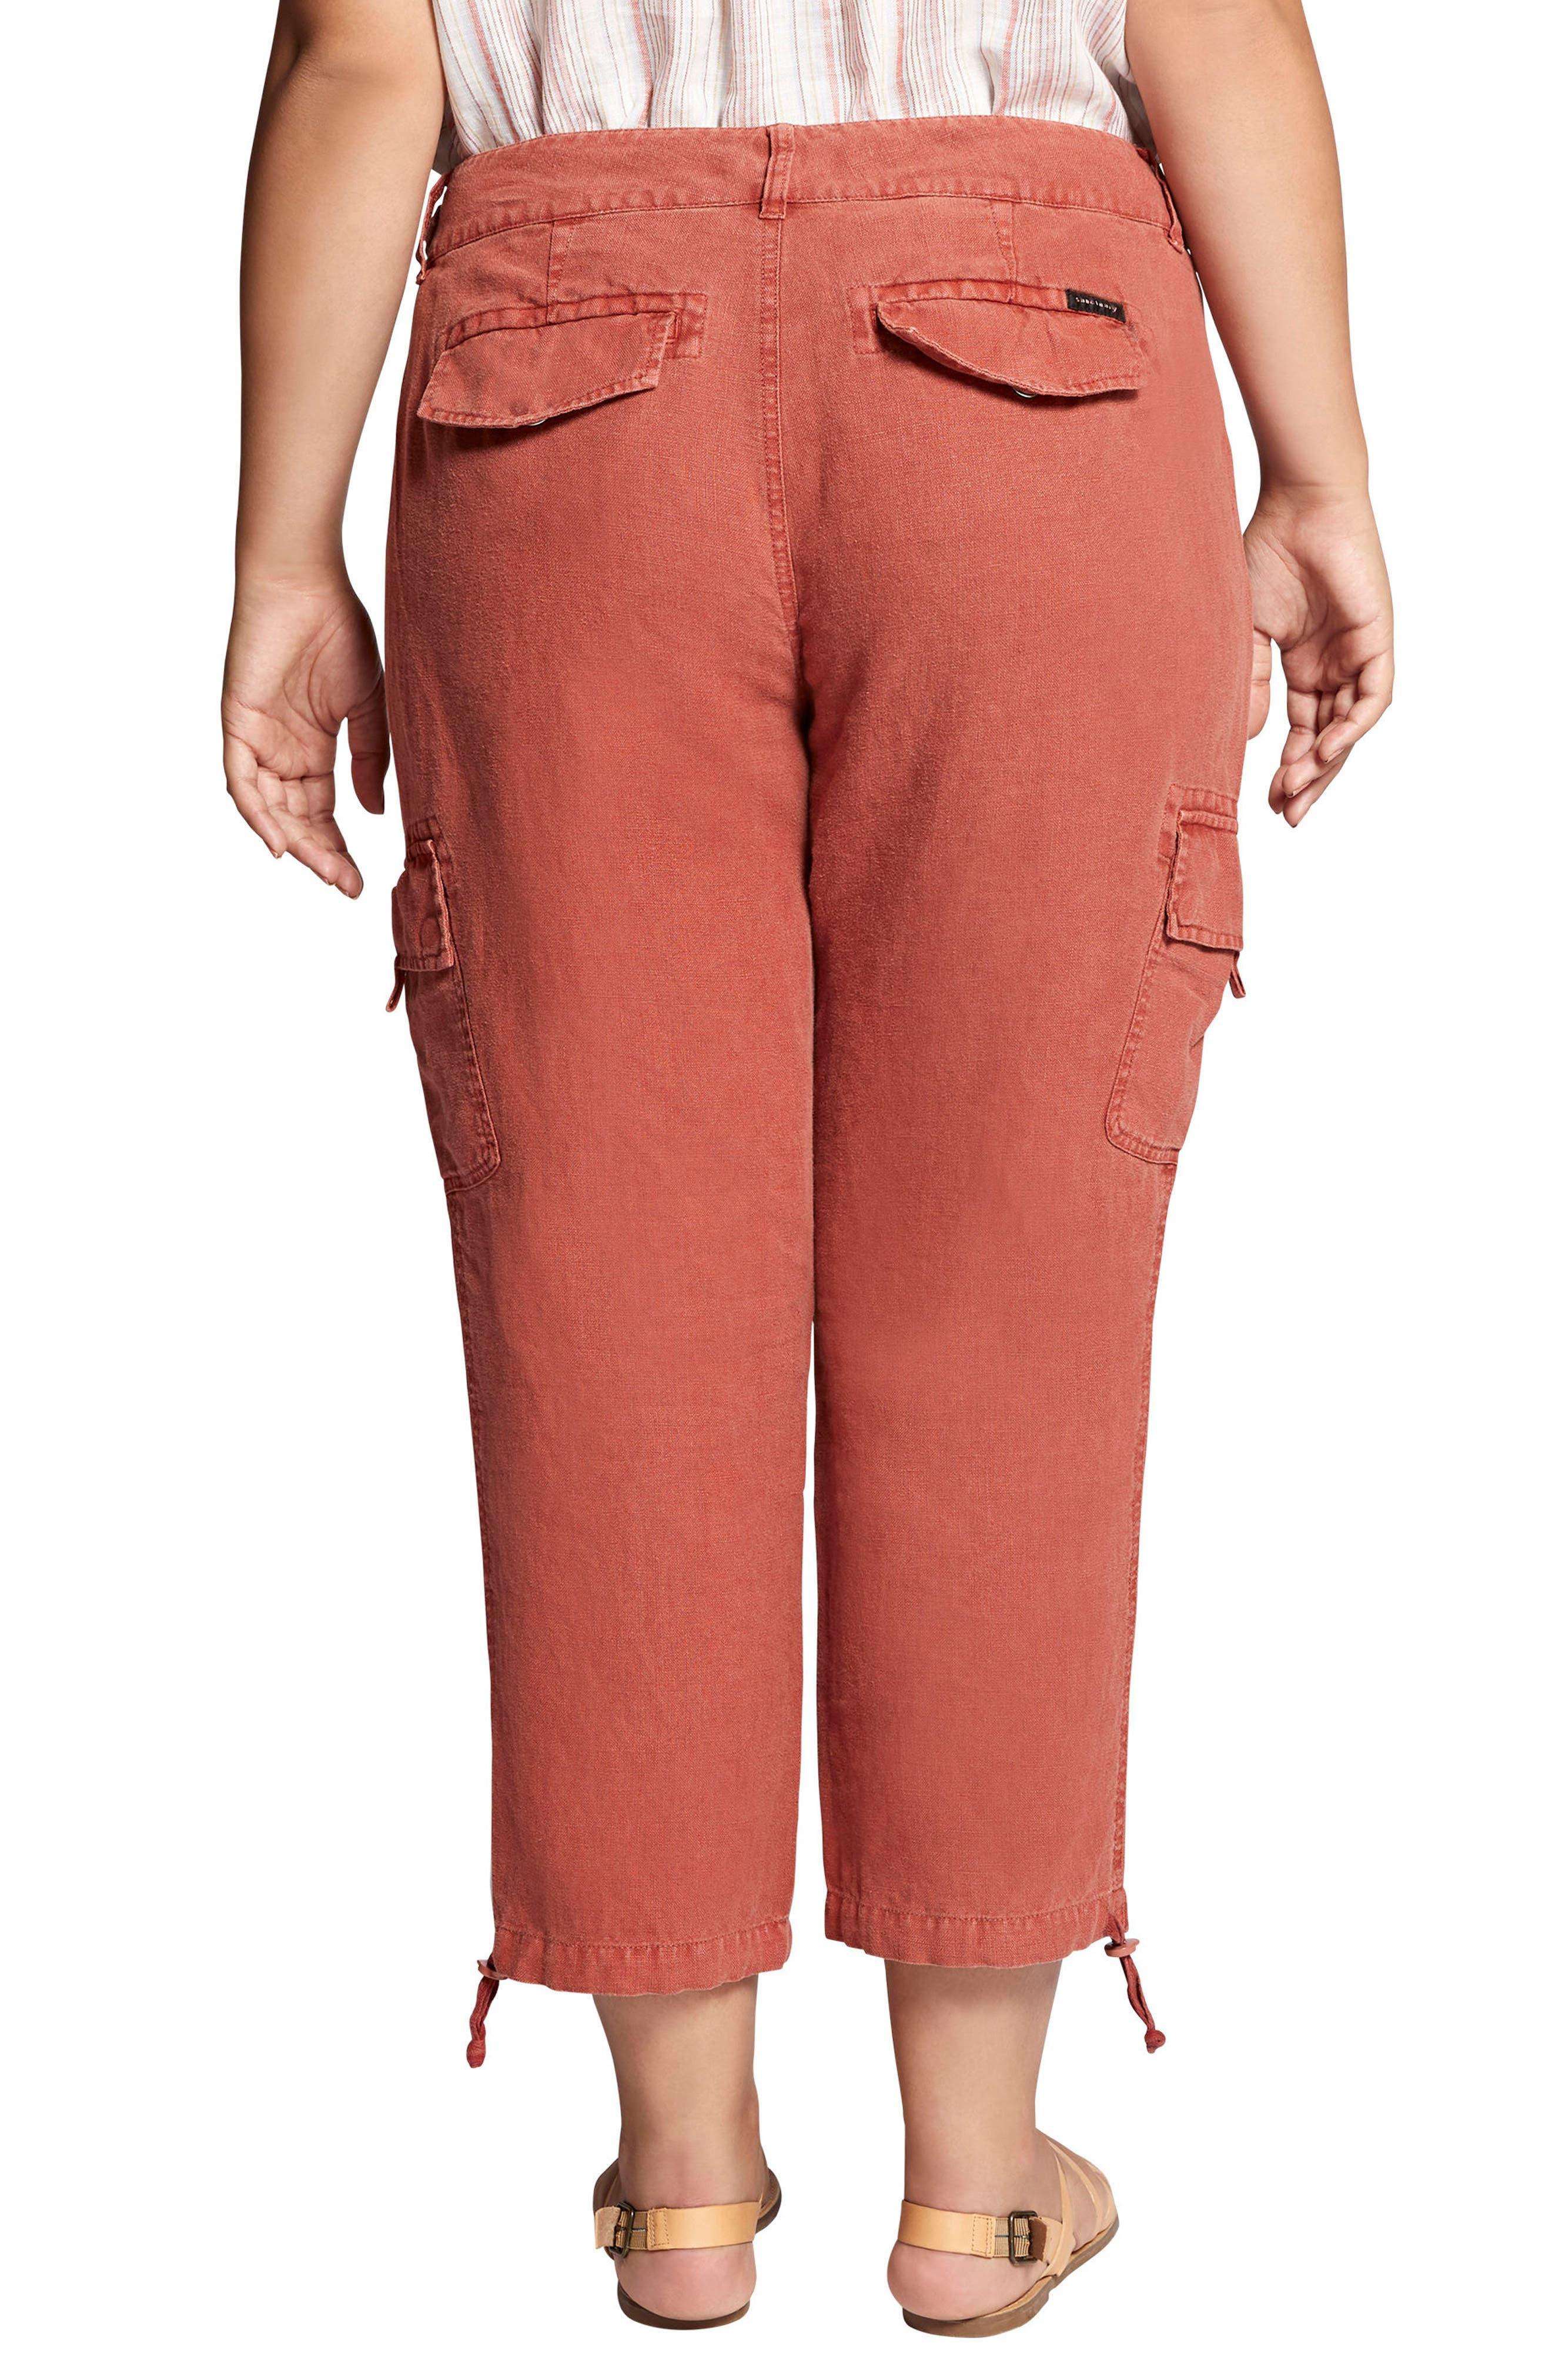 Terrain Crop Linen Cargo Pants,                             Alternate thumbnail 2, color,                             206